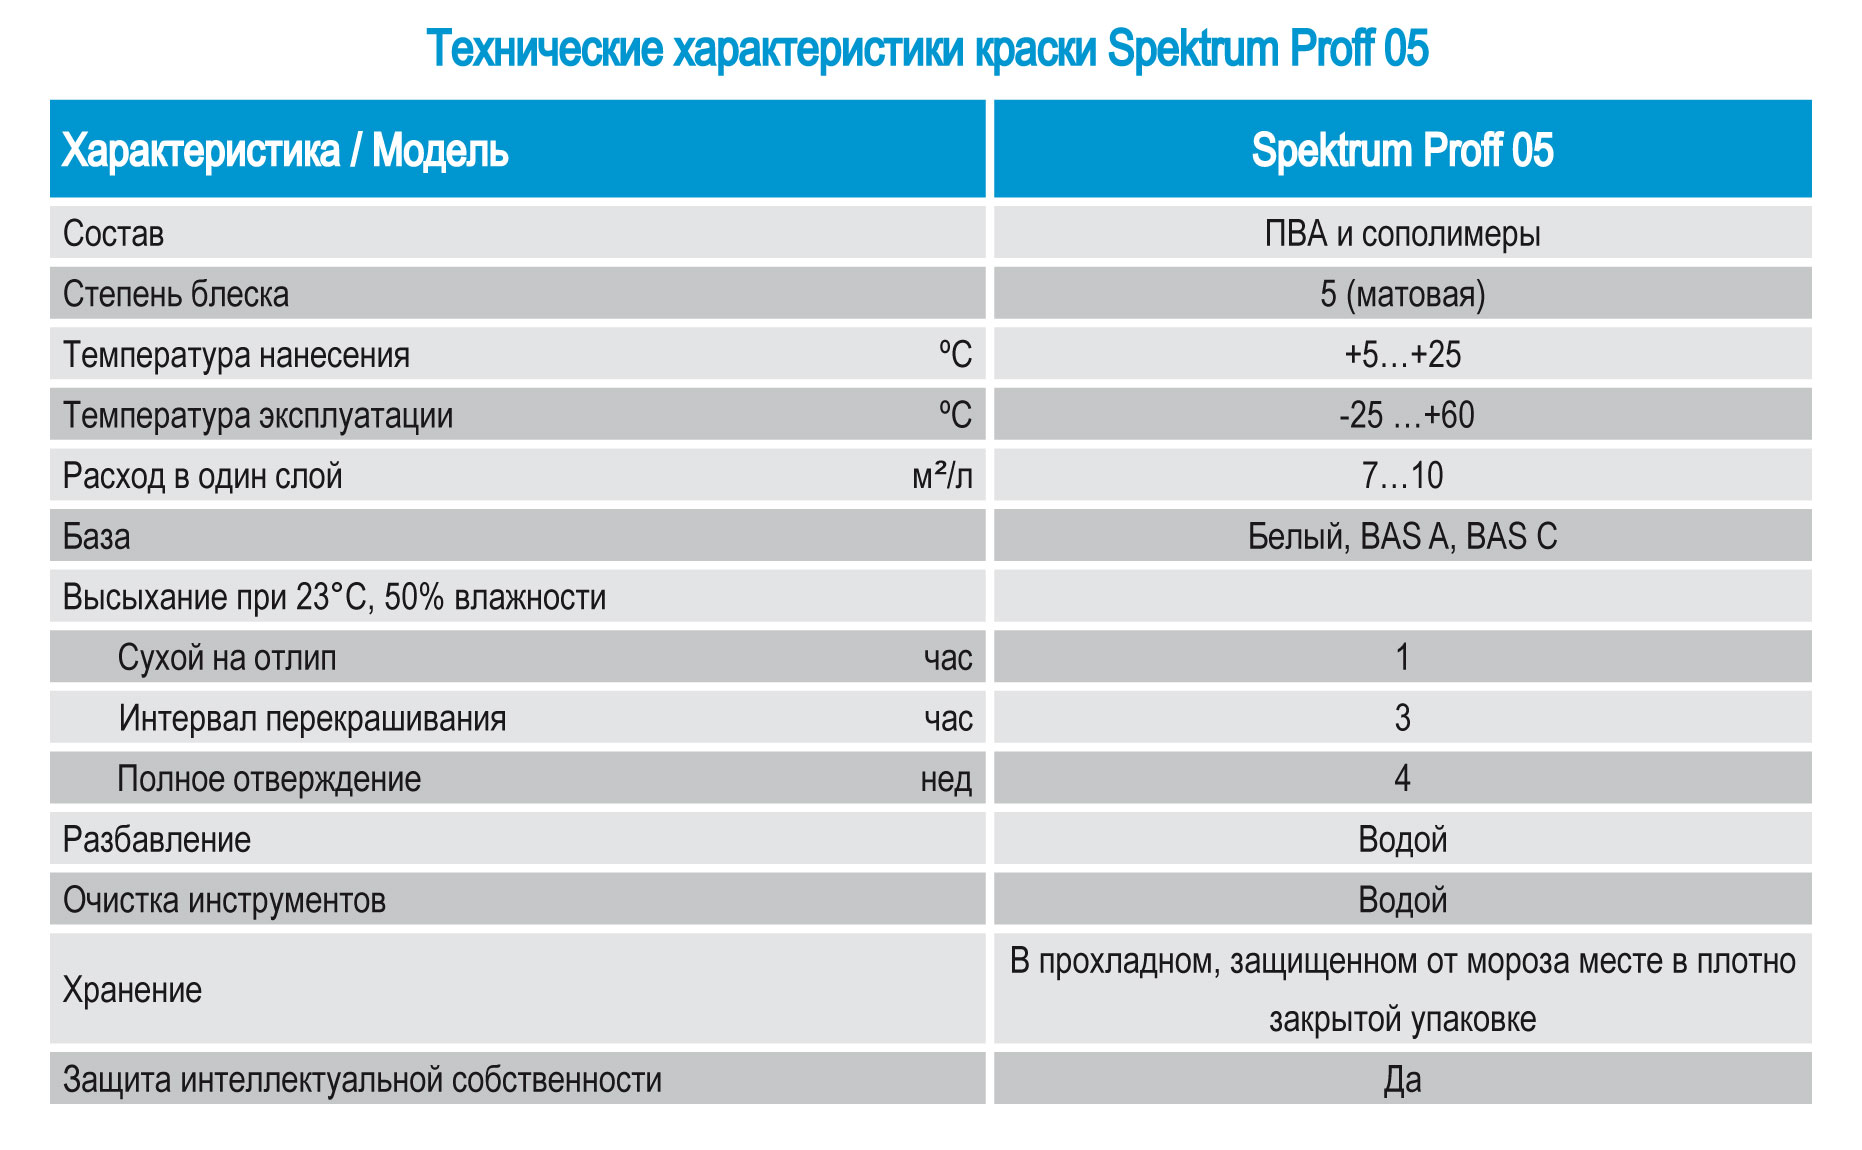 Kraska Spektrum Proff 05, tekhnicheskije kharakteristiki